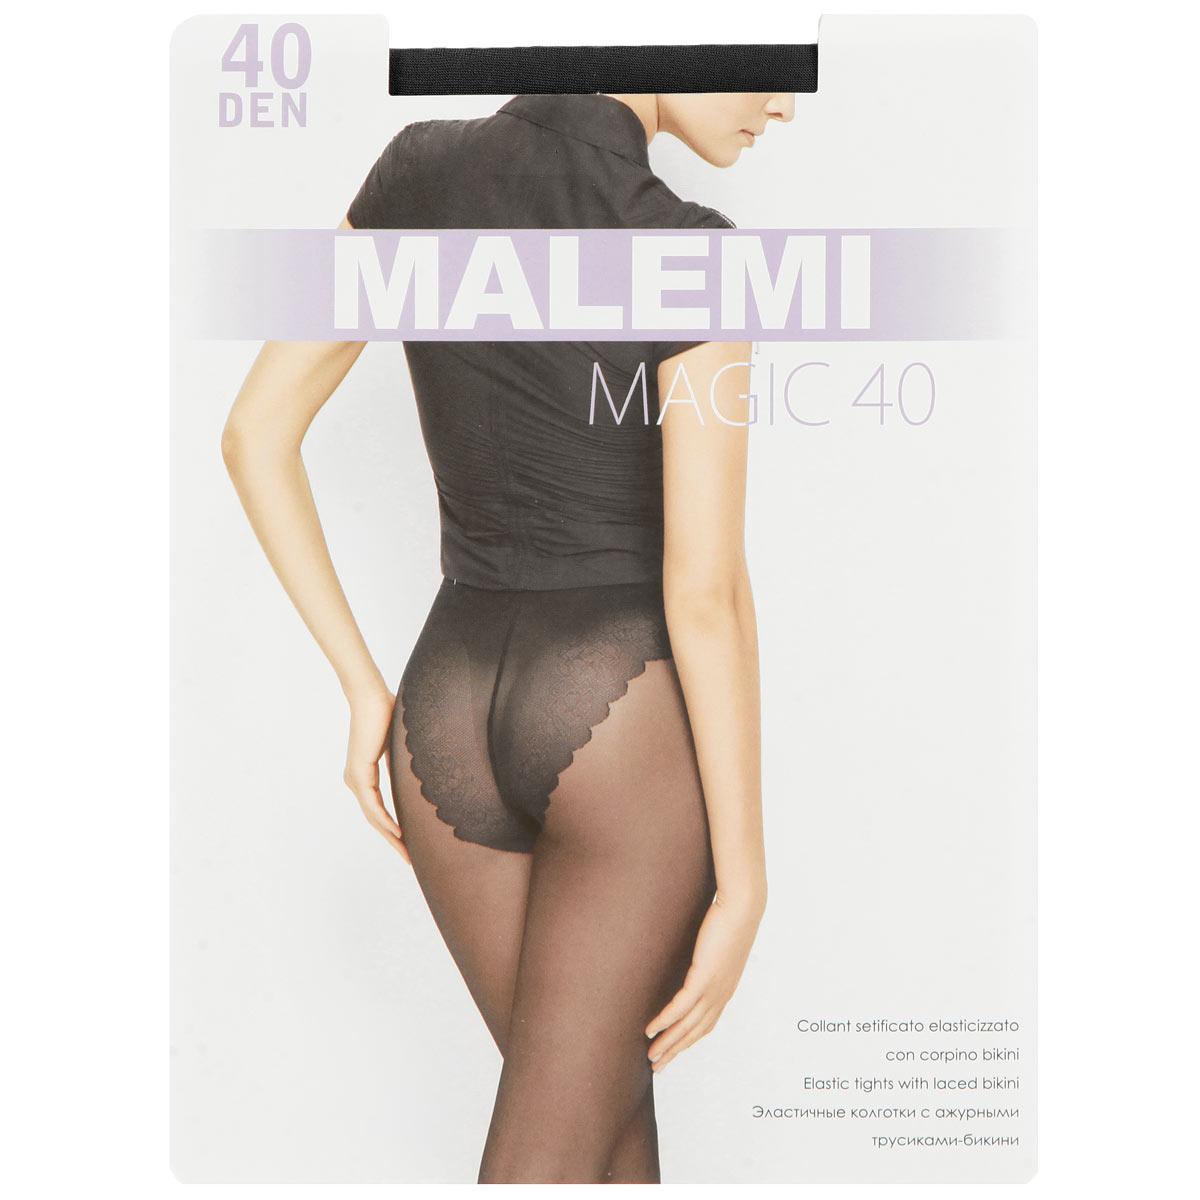 Колготки женские Magic 40Magic 40Эластичные колготки с ажурными трусиками-бикини. Комфортный пояс, гигиеническая ластовица, укрепленный прозрачный мысок. Плотность: 40 den.